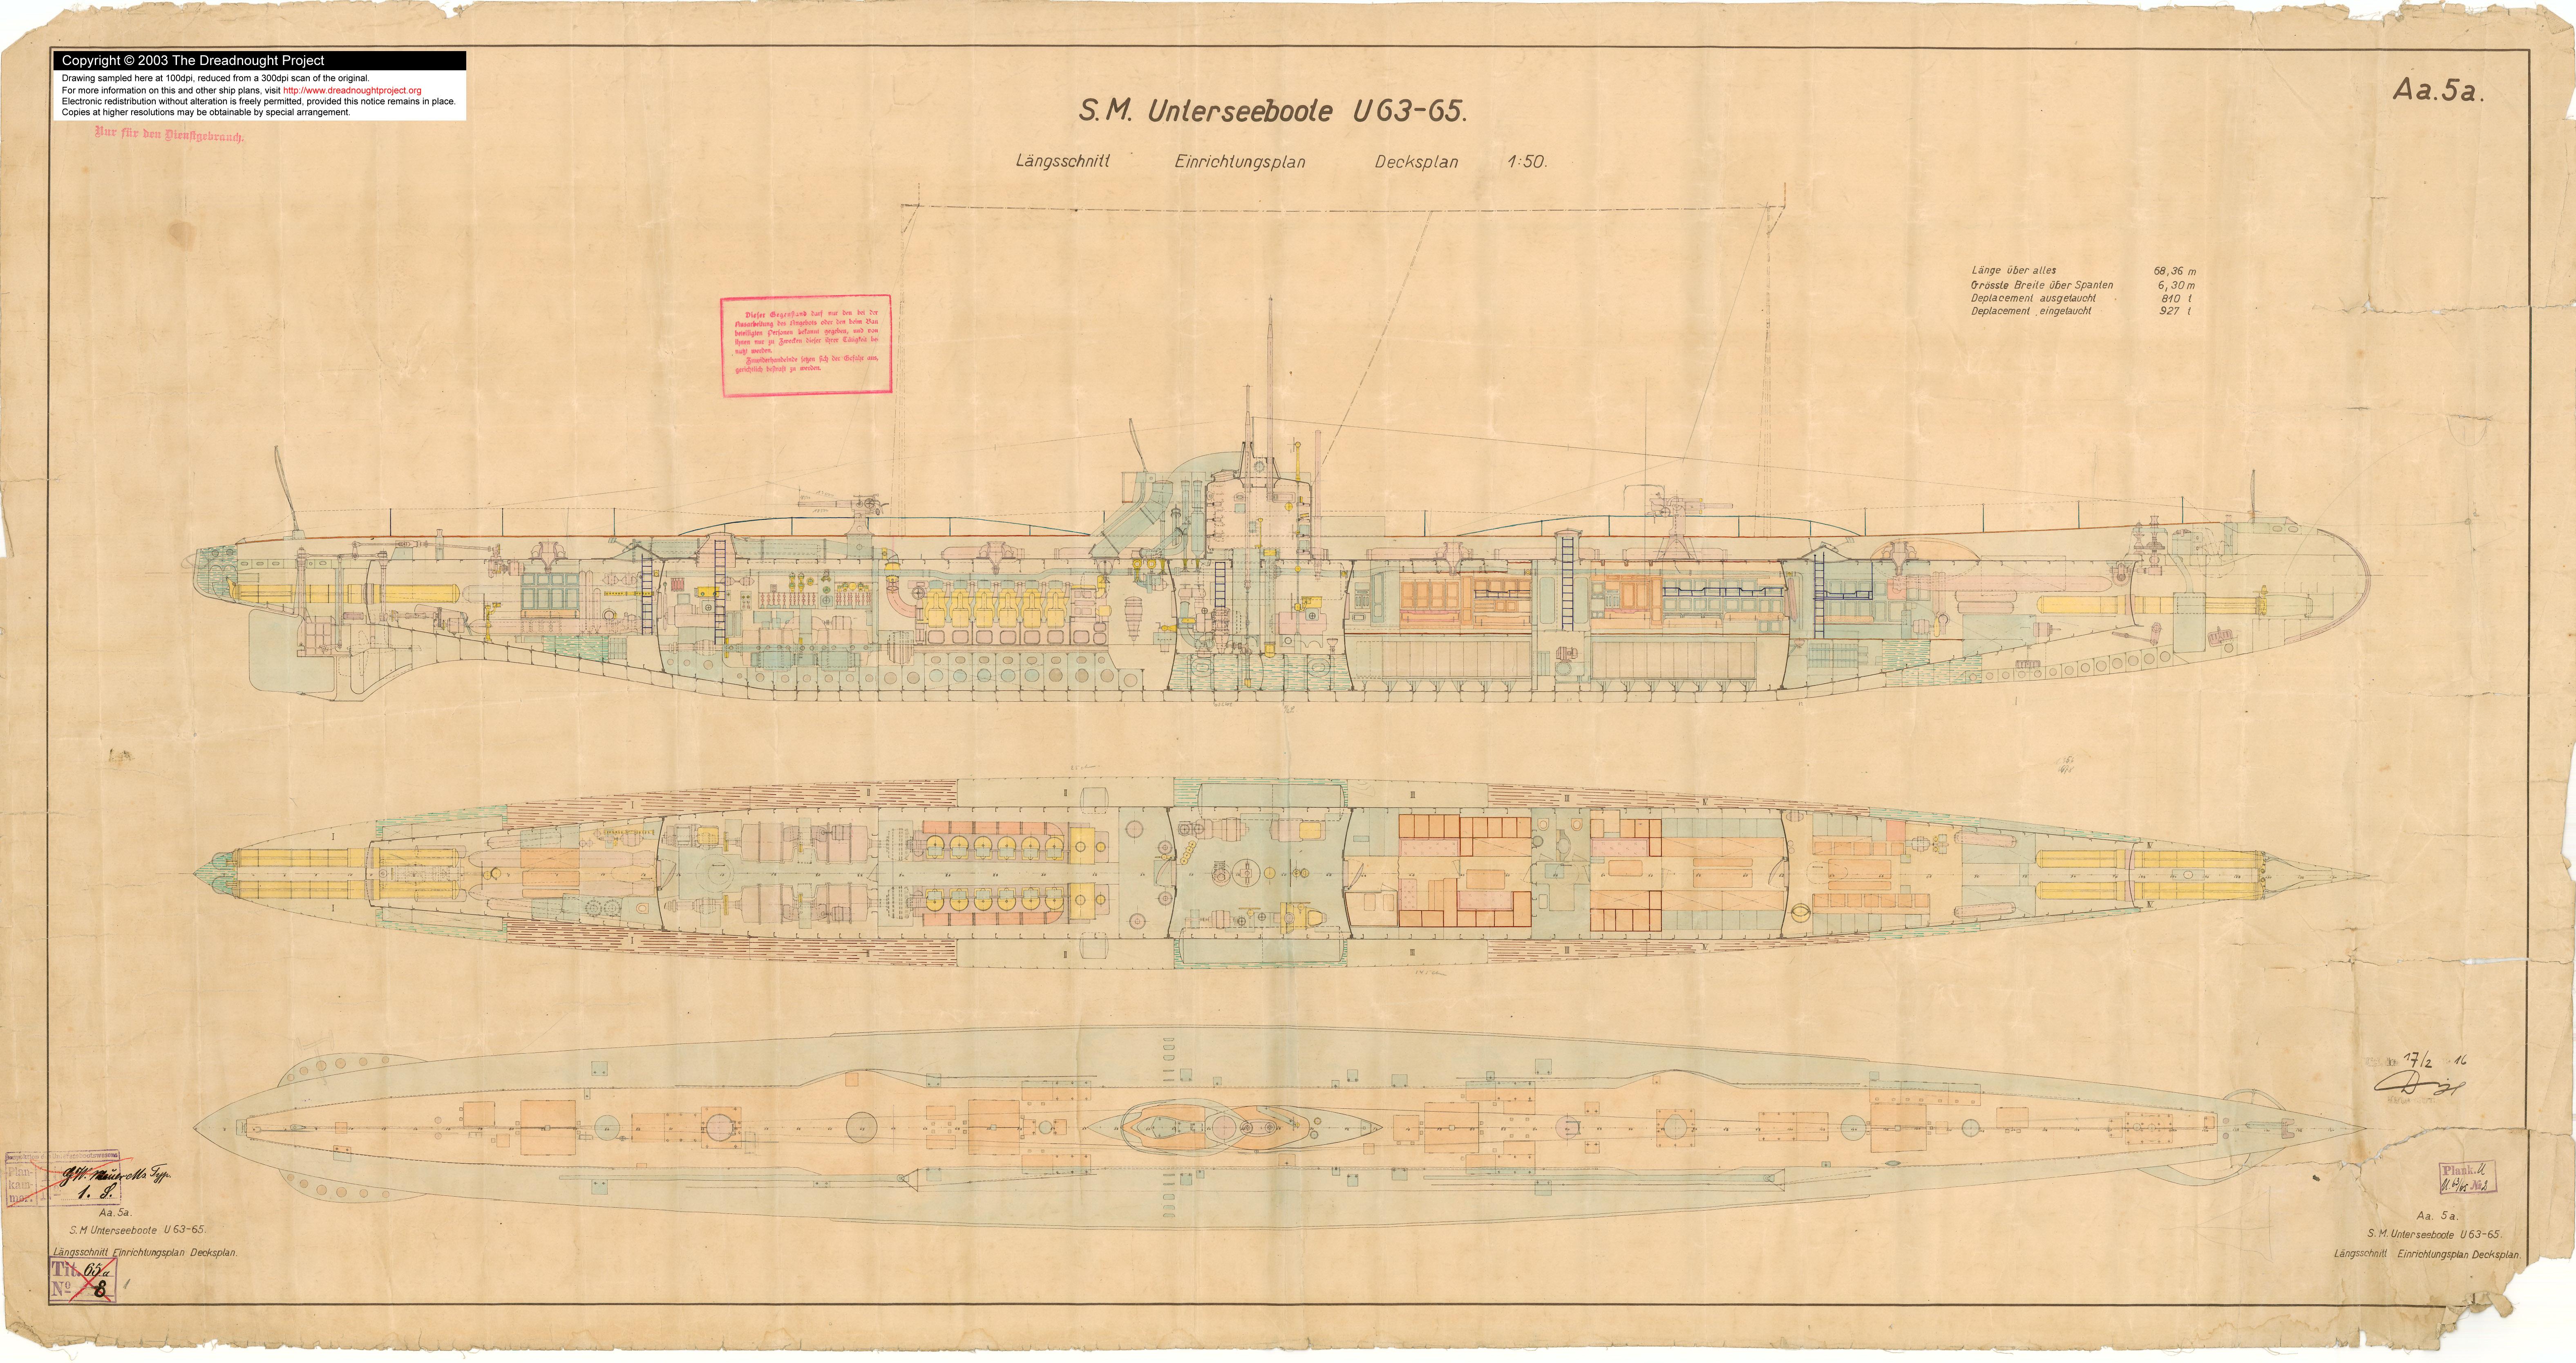 http://dreadnoughtproject.org/plans/SM_U63-65_1916/langsschnitt_einrichtungsplan_decksplan_100dpi.jpg